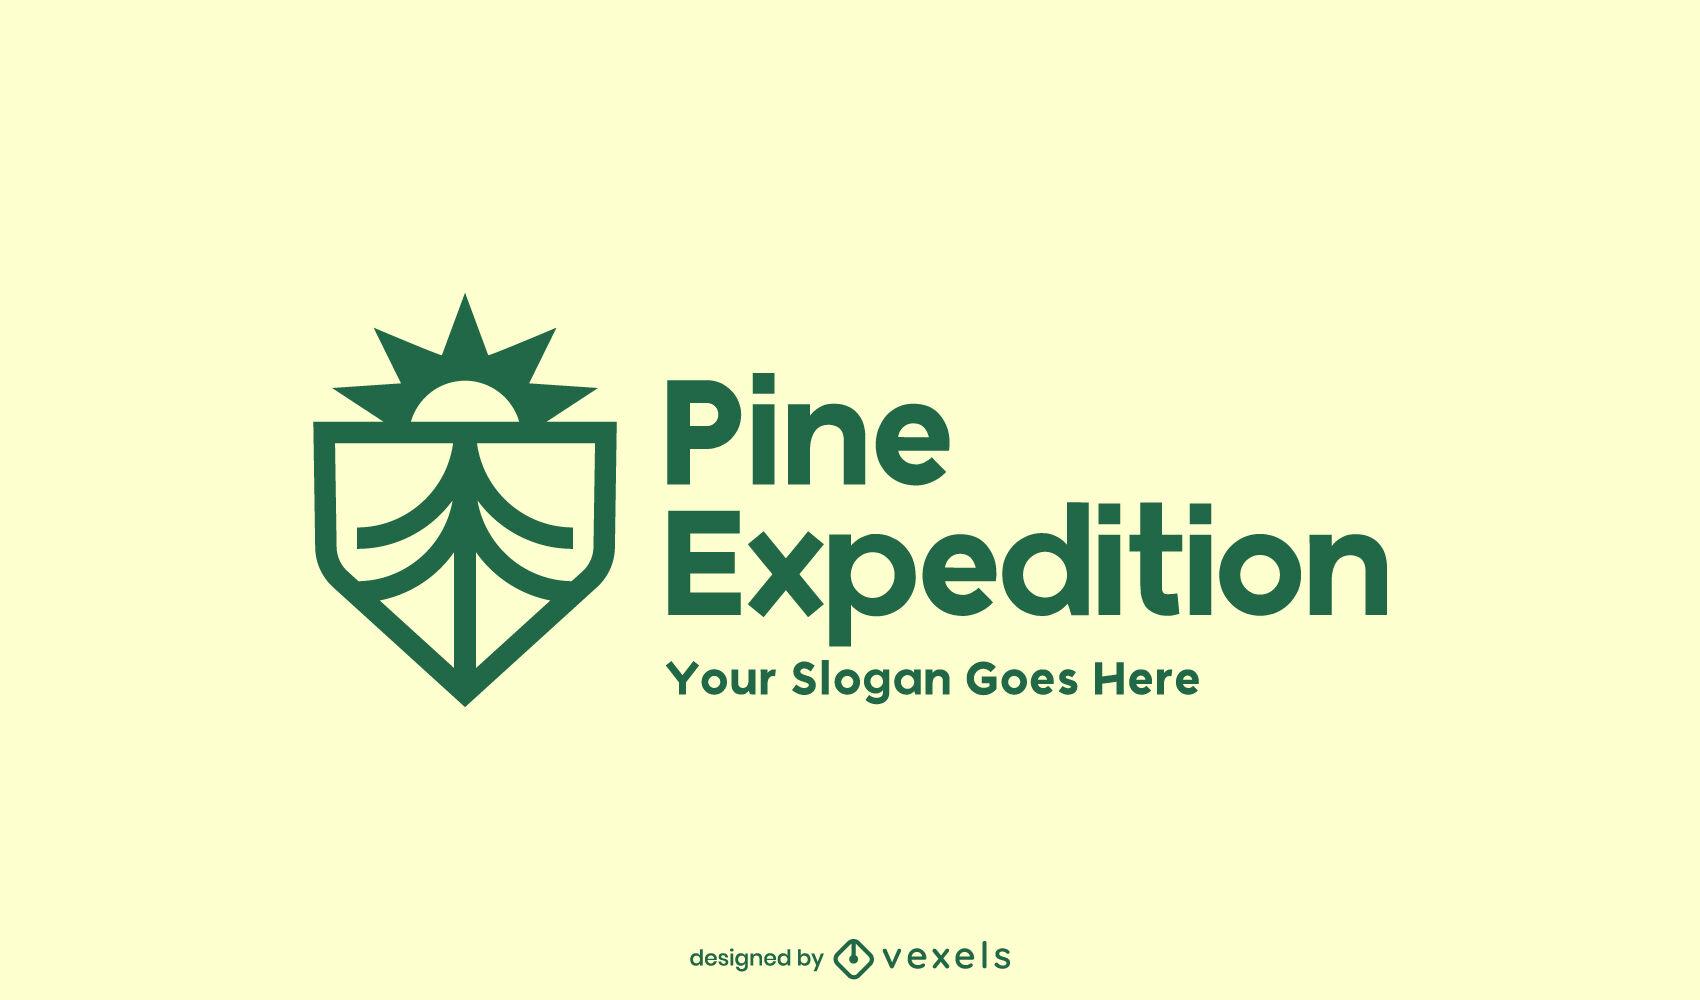 Gran dise?o de logotipo de pino